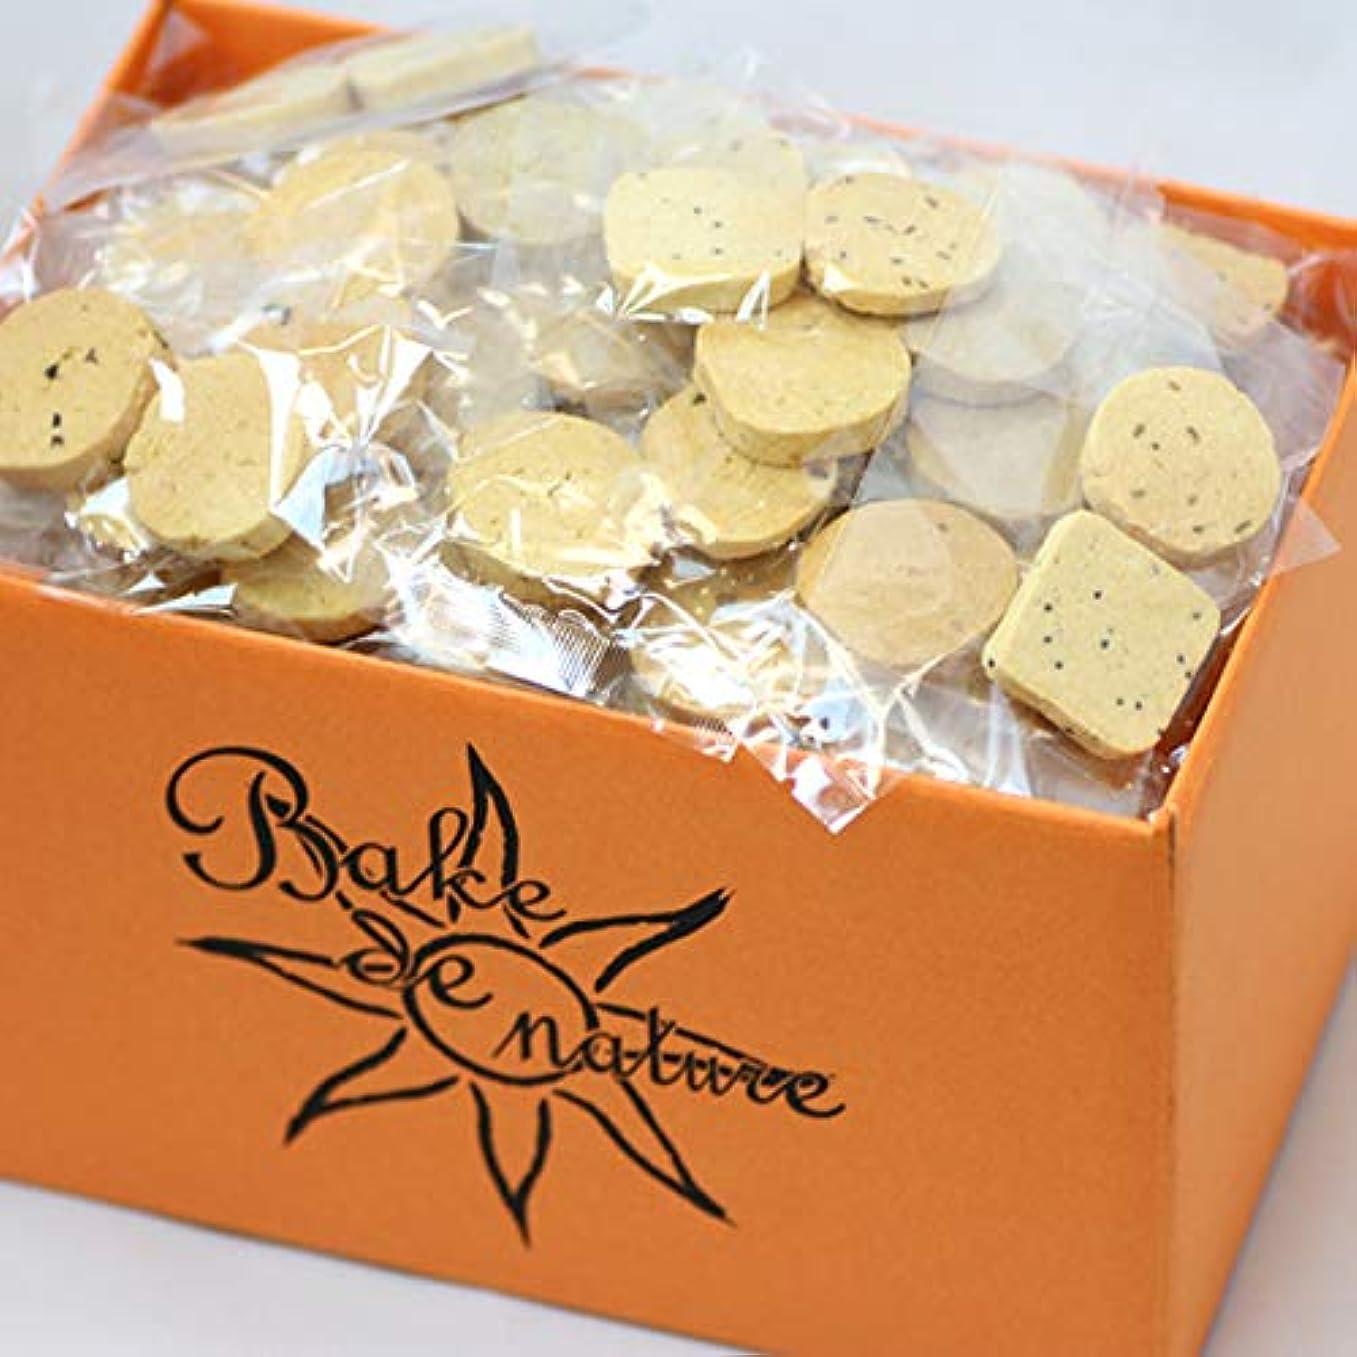 マージンアルバム運ぶスーパーフード豆乳おからクッキー (10種類MIX) 1袋 1kg (個包装) 小麦粉不使用のダイエットクッキー